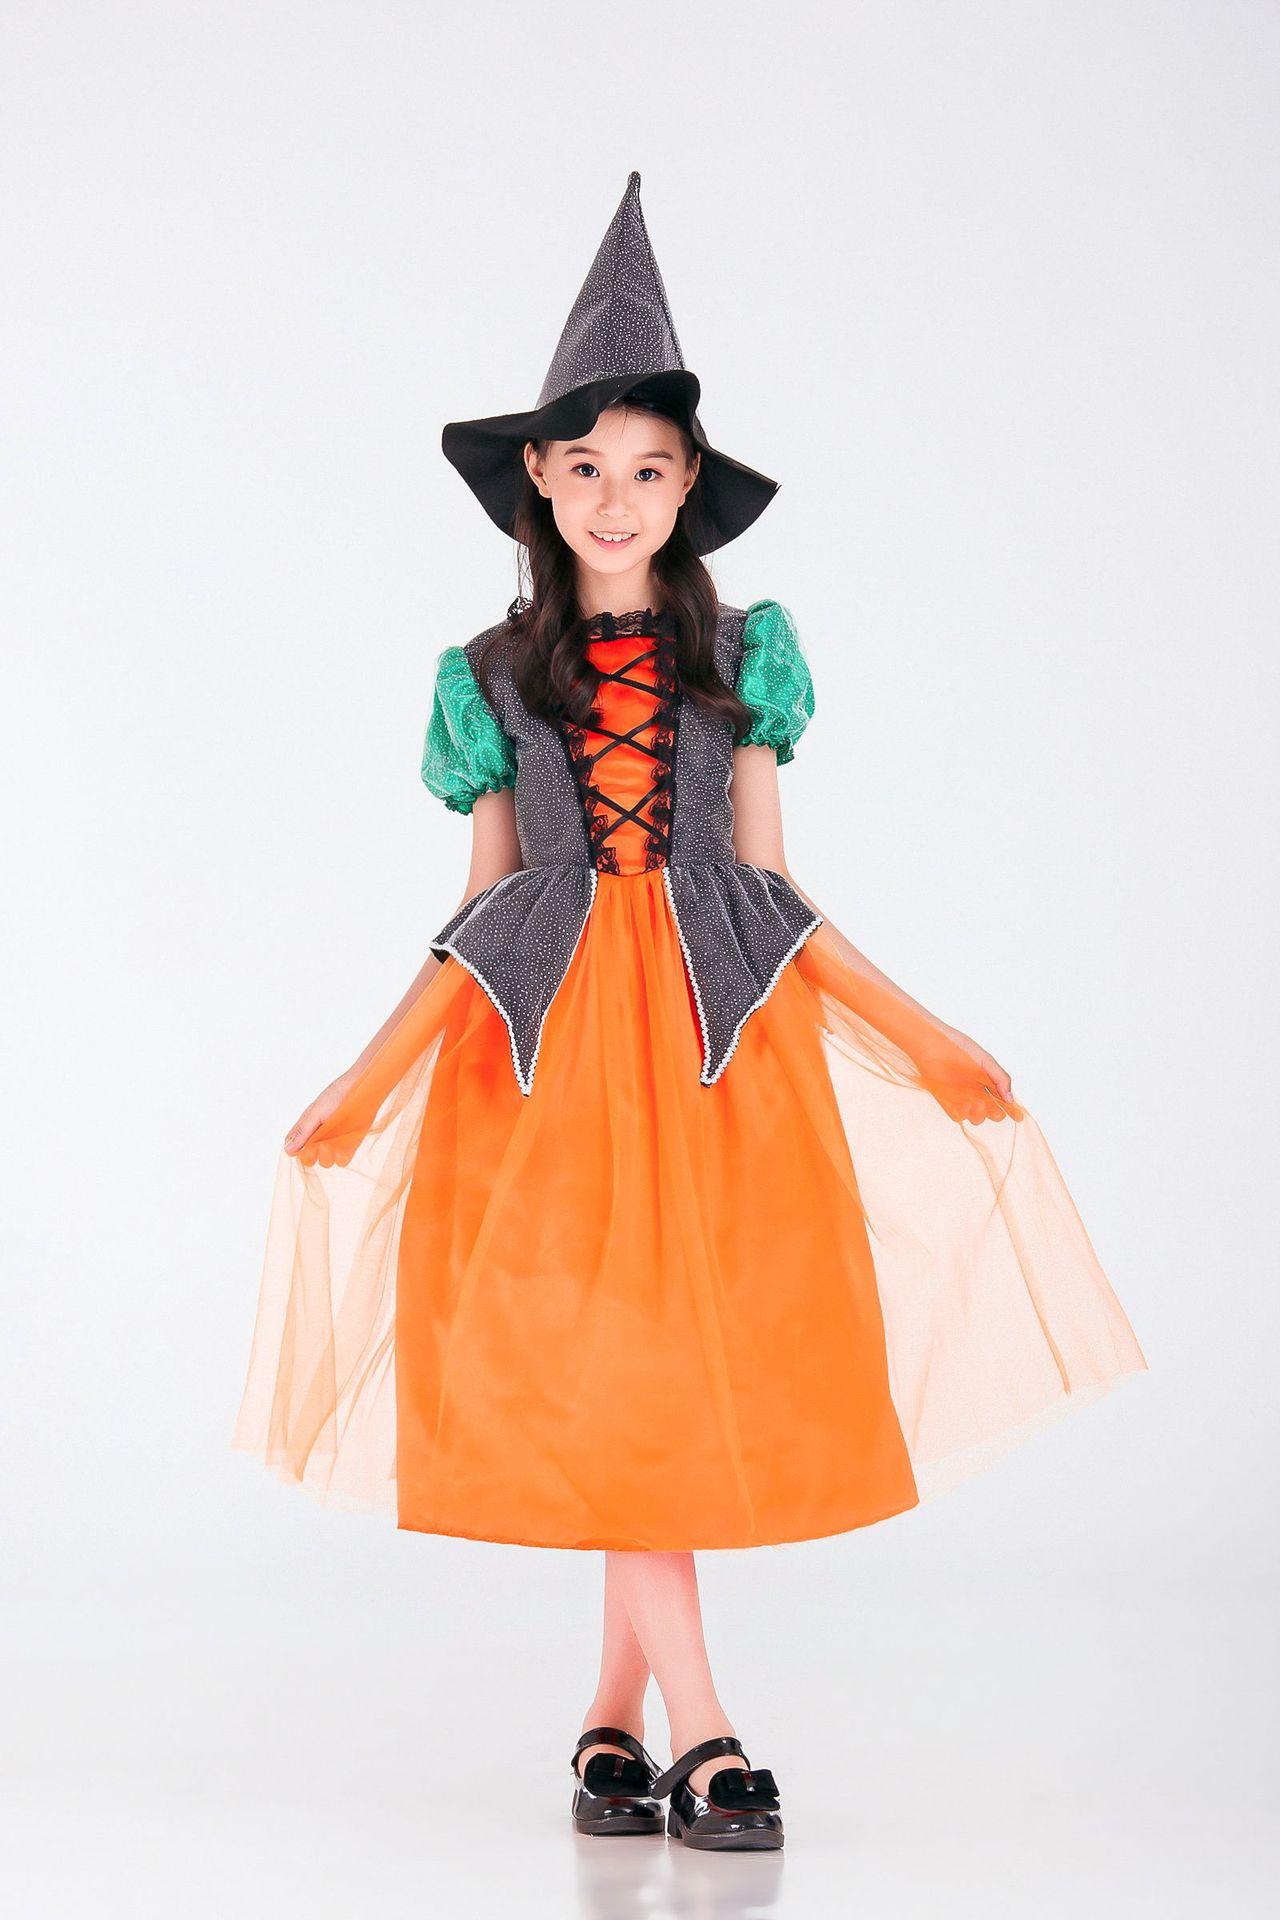 子供の日の舞台衣装ハロウィンコスプレ衣装の魔女のパーティー衣装